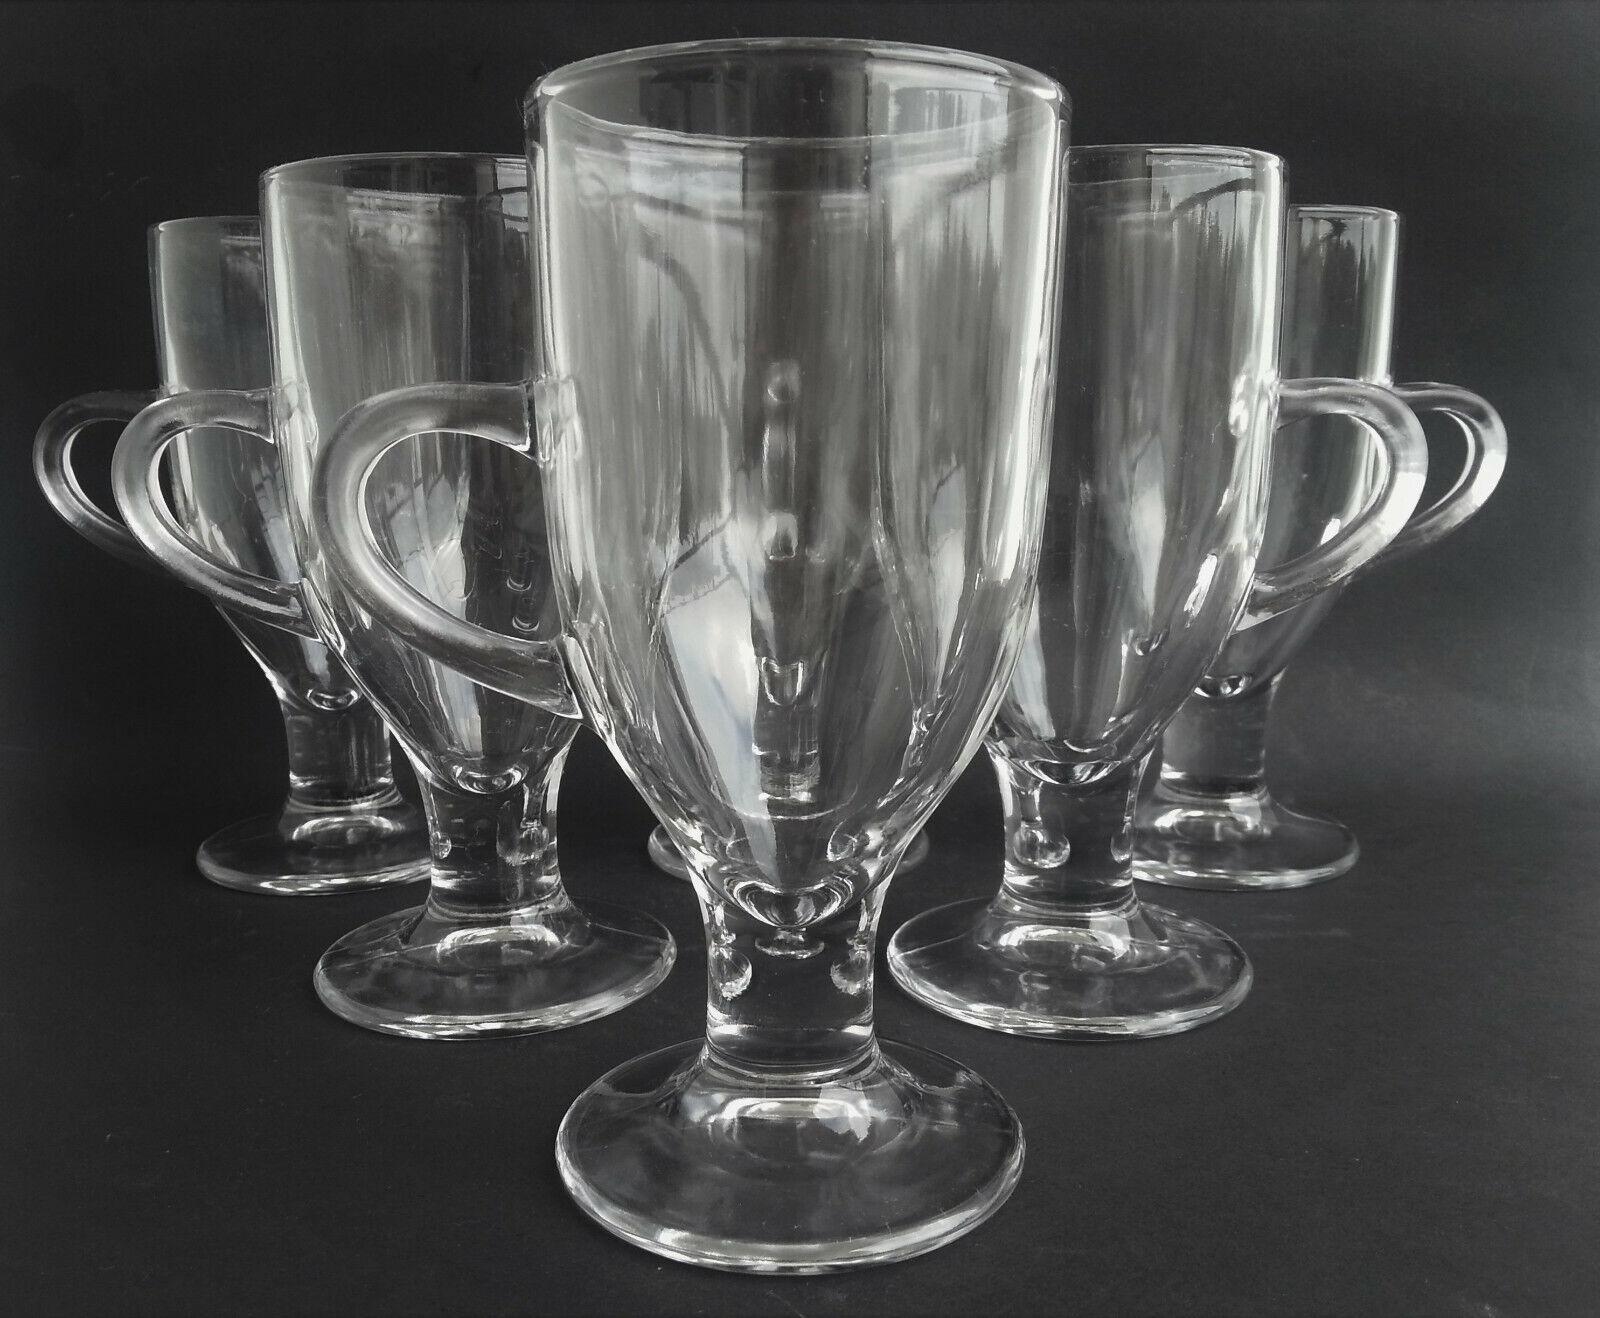 Glastasse Griff Standfuß   6 Gläser 0,25 Liter Becher 15,9 cm für Tee Kaffee uvm